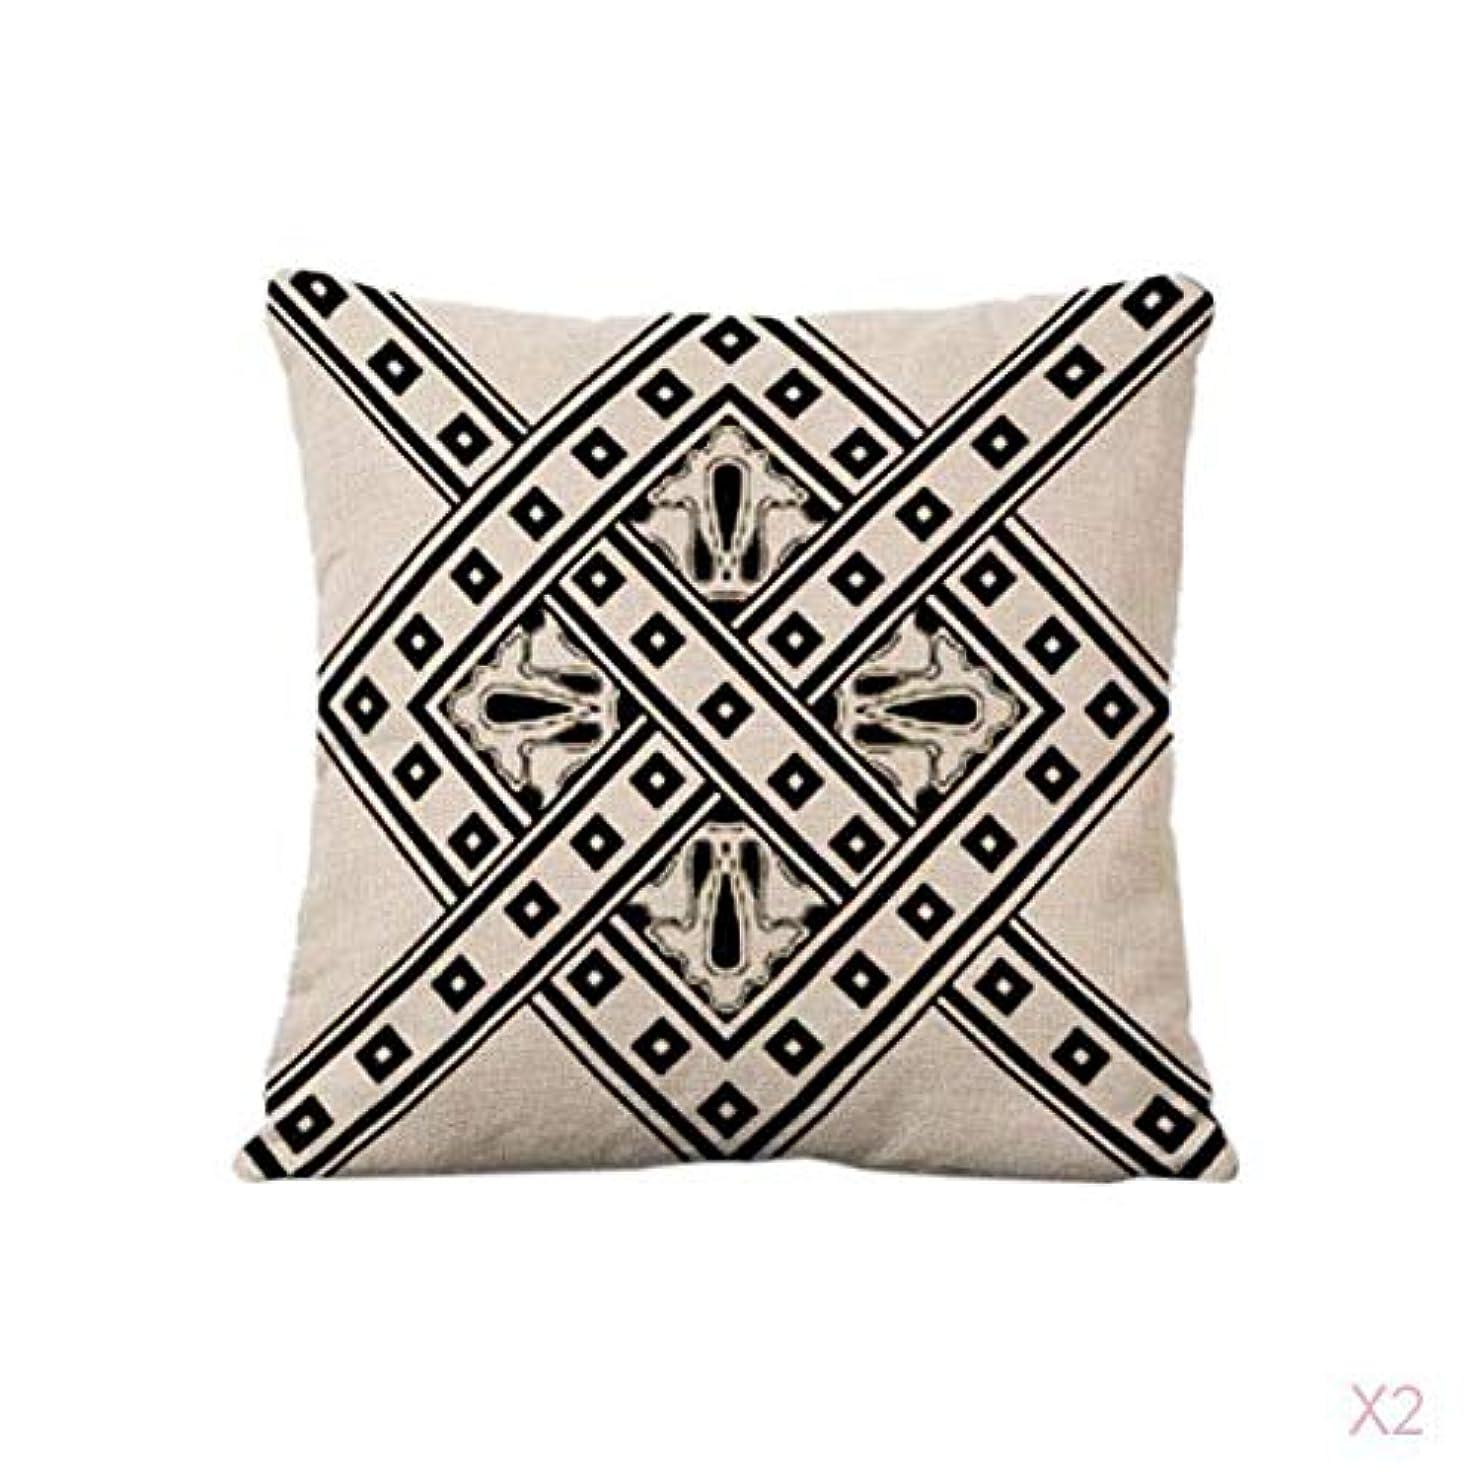 雄弁家エレクトロニックフォーククッションカバー5色シンプルな幾何学模様のリネンソファー腰枕カバー